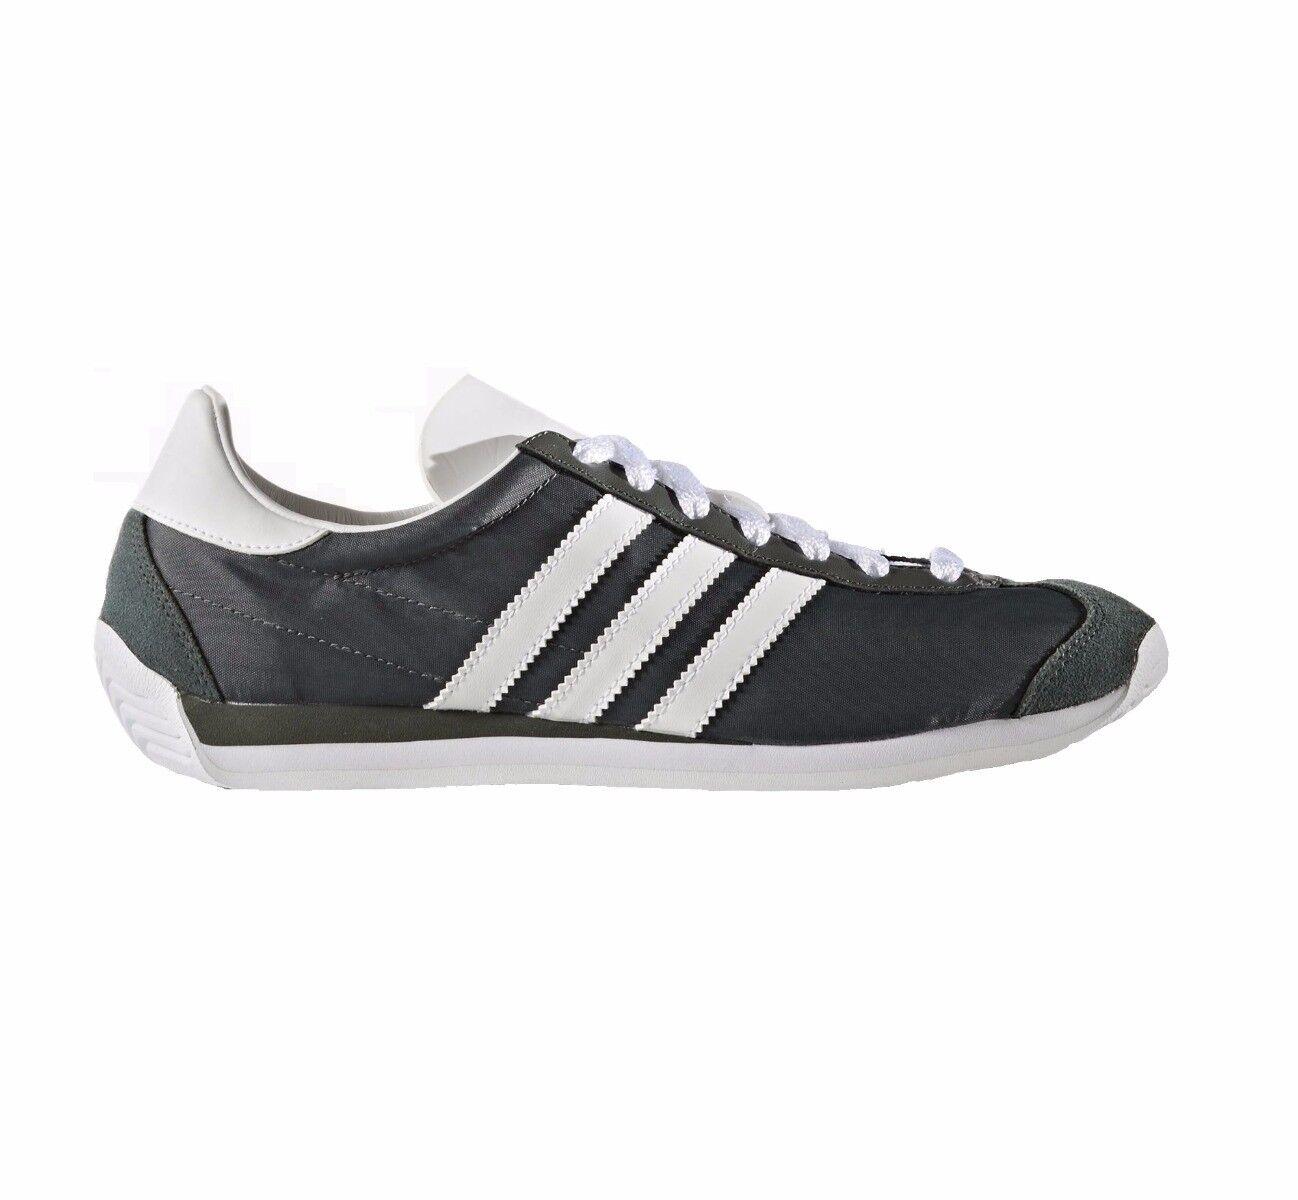 Adidas Country Og Damen Laufschuhe Größe 3.5 zu 6.5 Utility Efeu Sportschuhe Neu